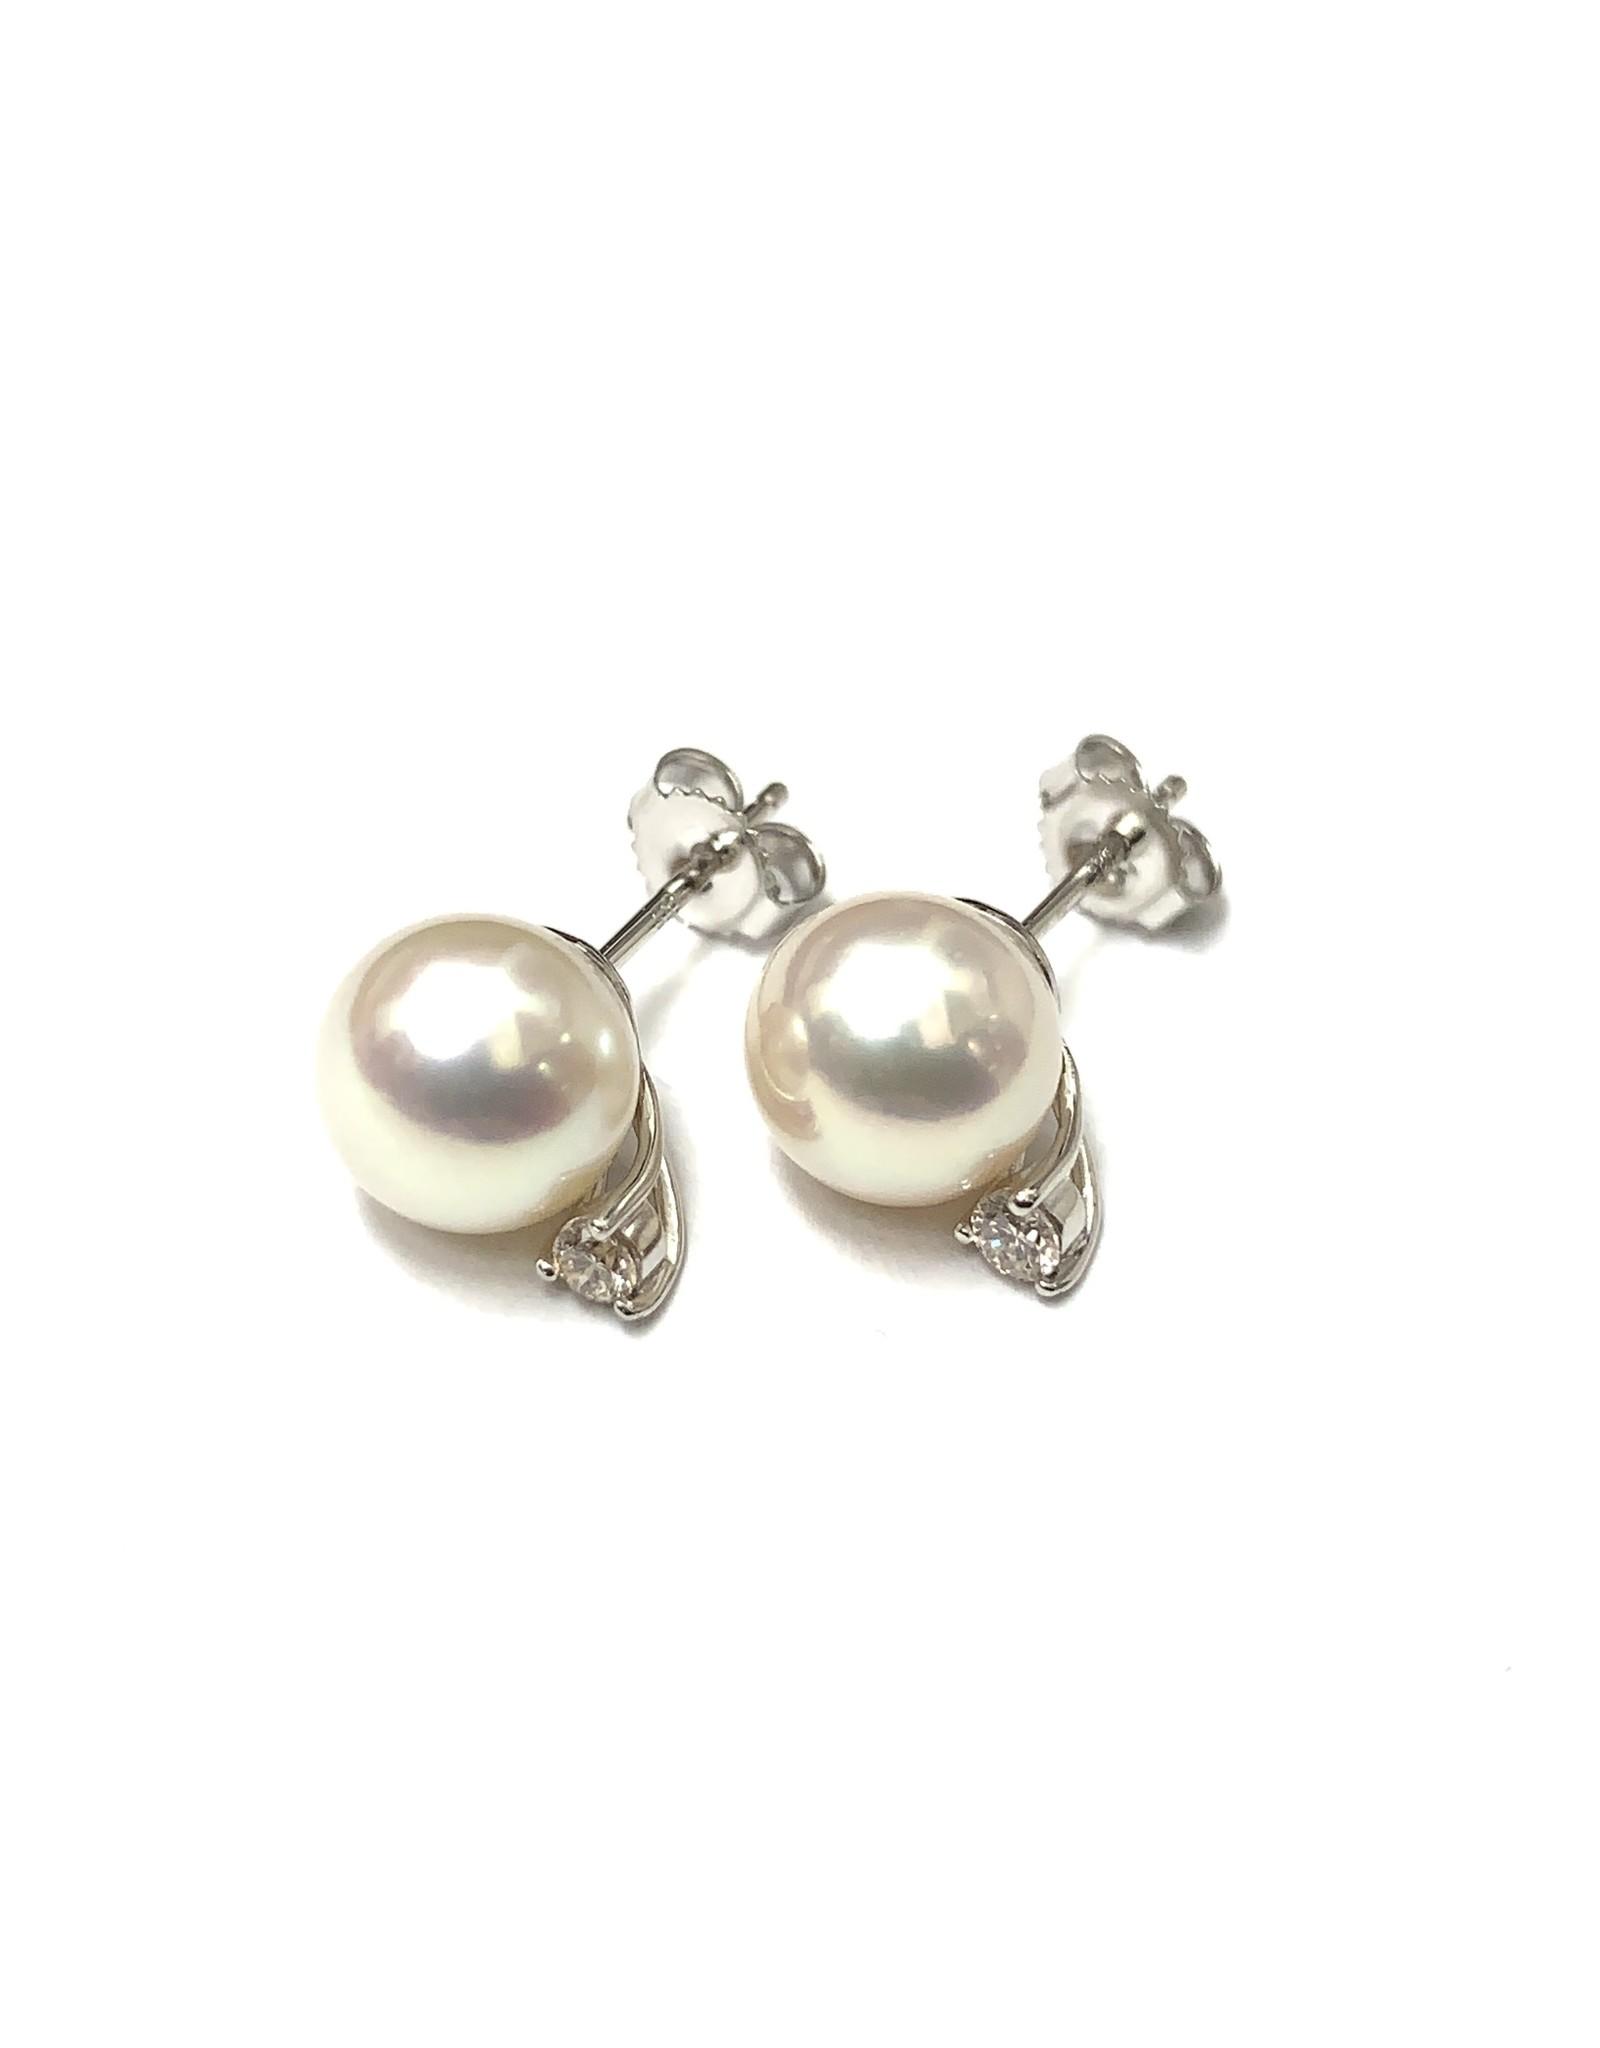 Freshwater Pearl & Diamond Stud Earrings 14KW